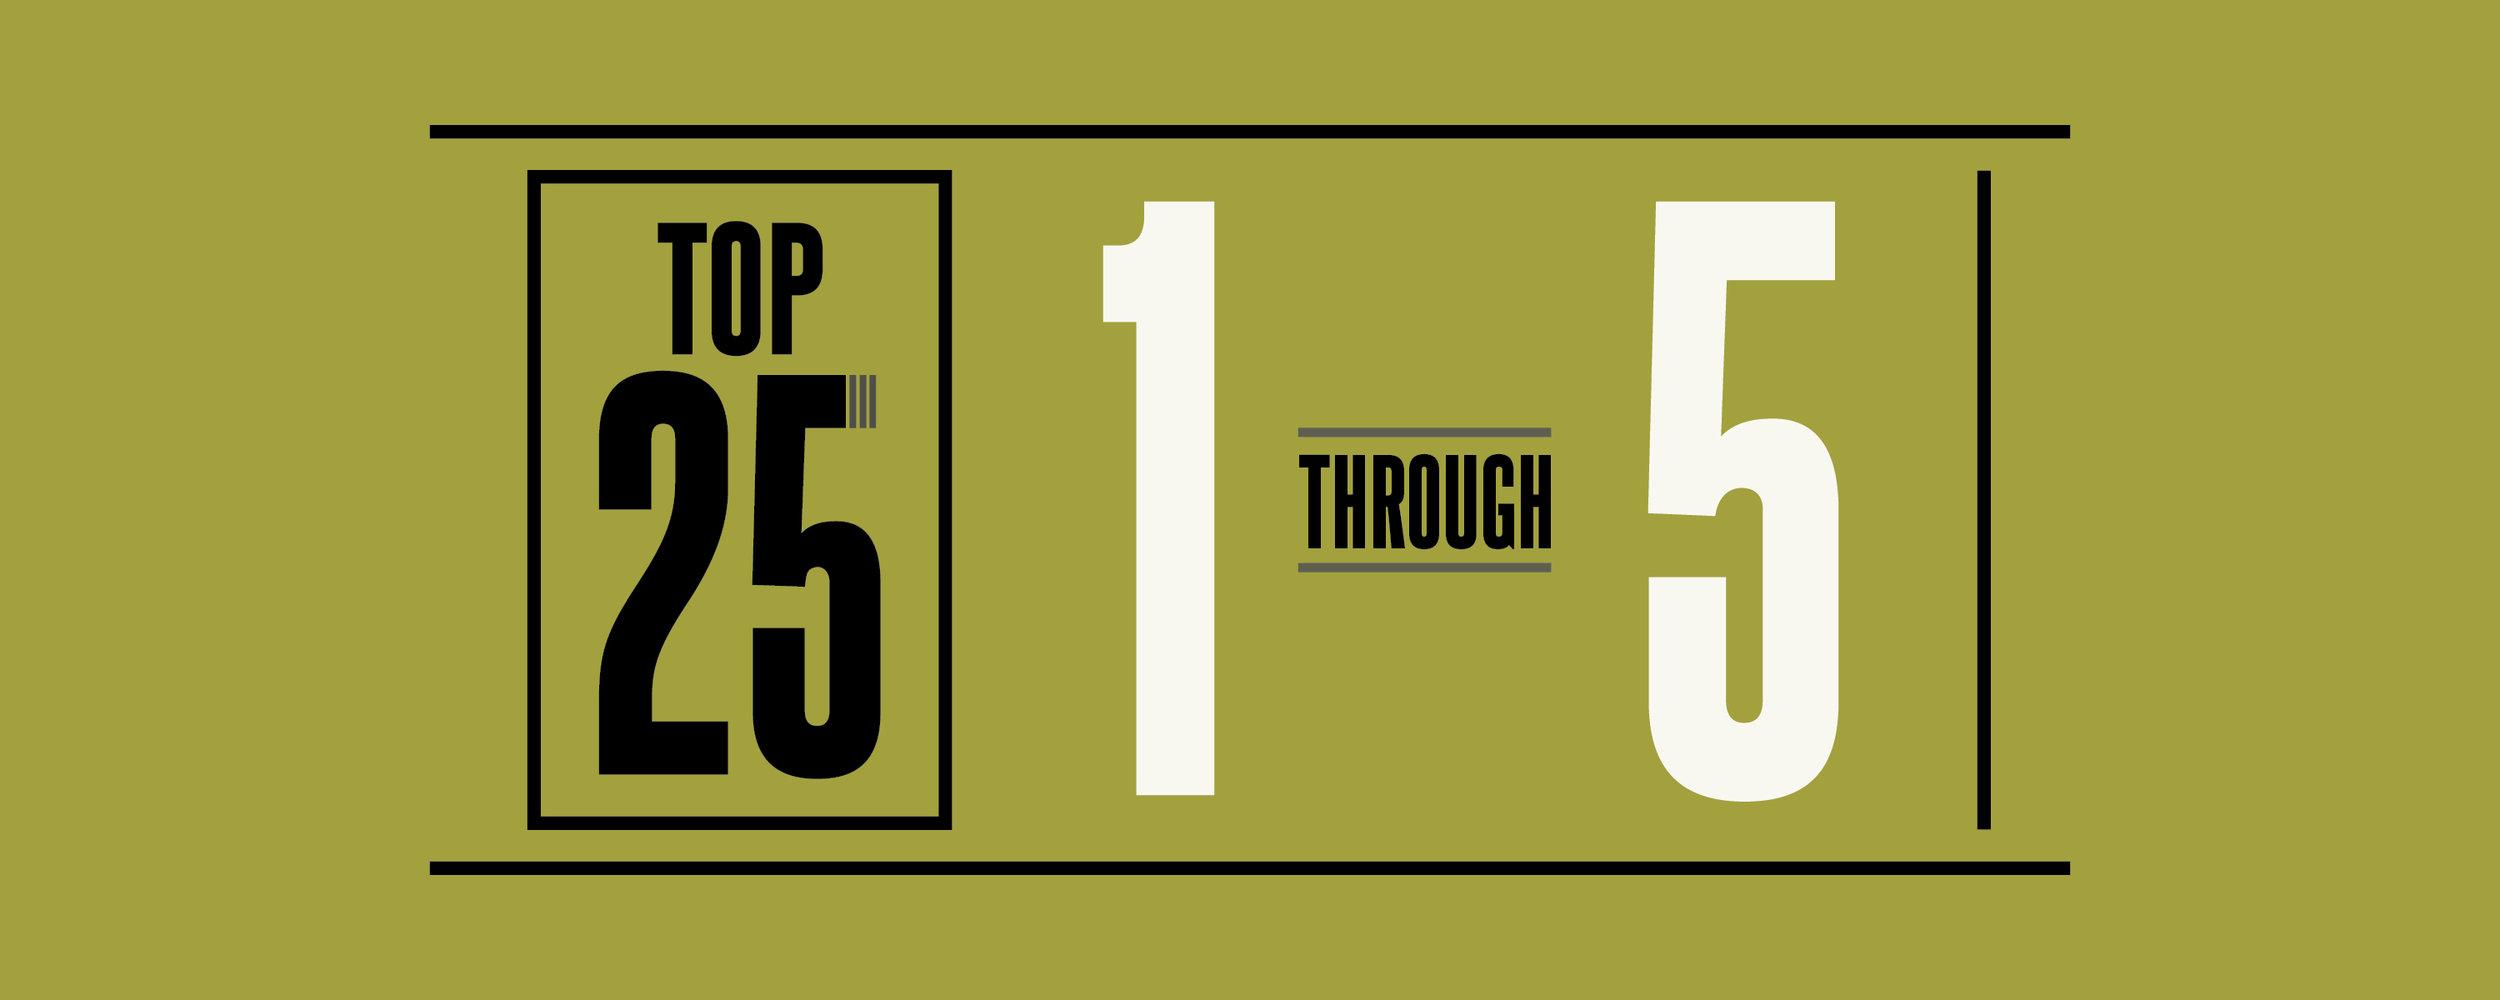 TOP 25 BANNER WEBSITE(1-5).jpg